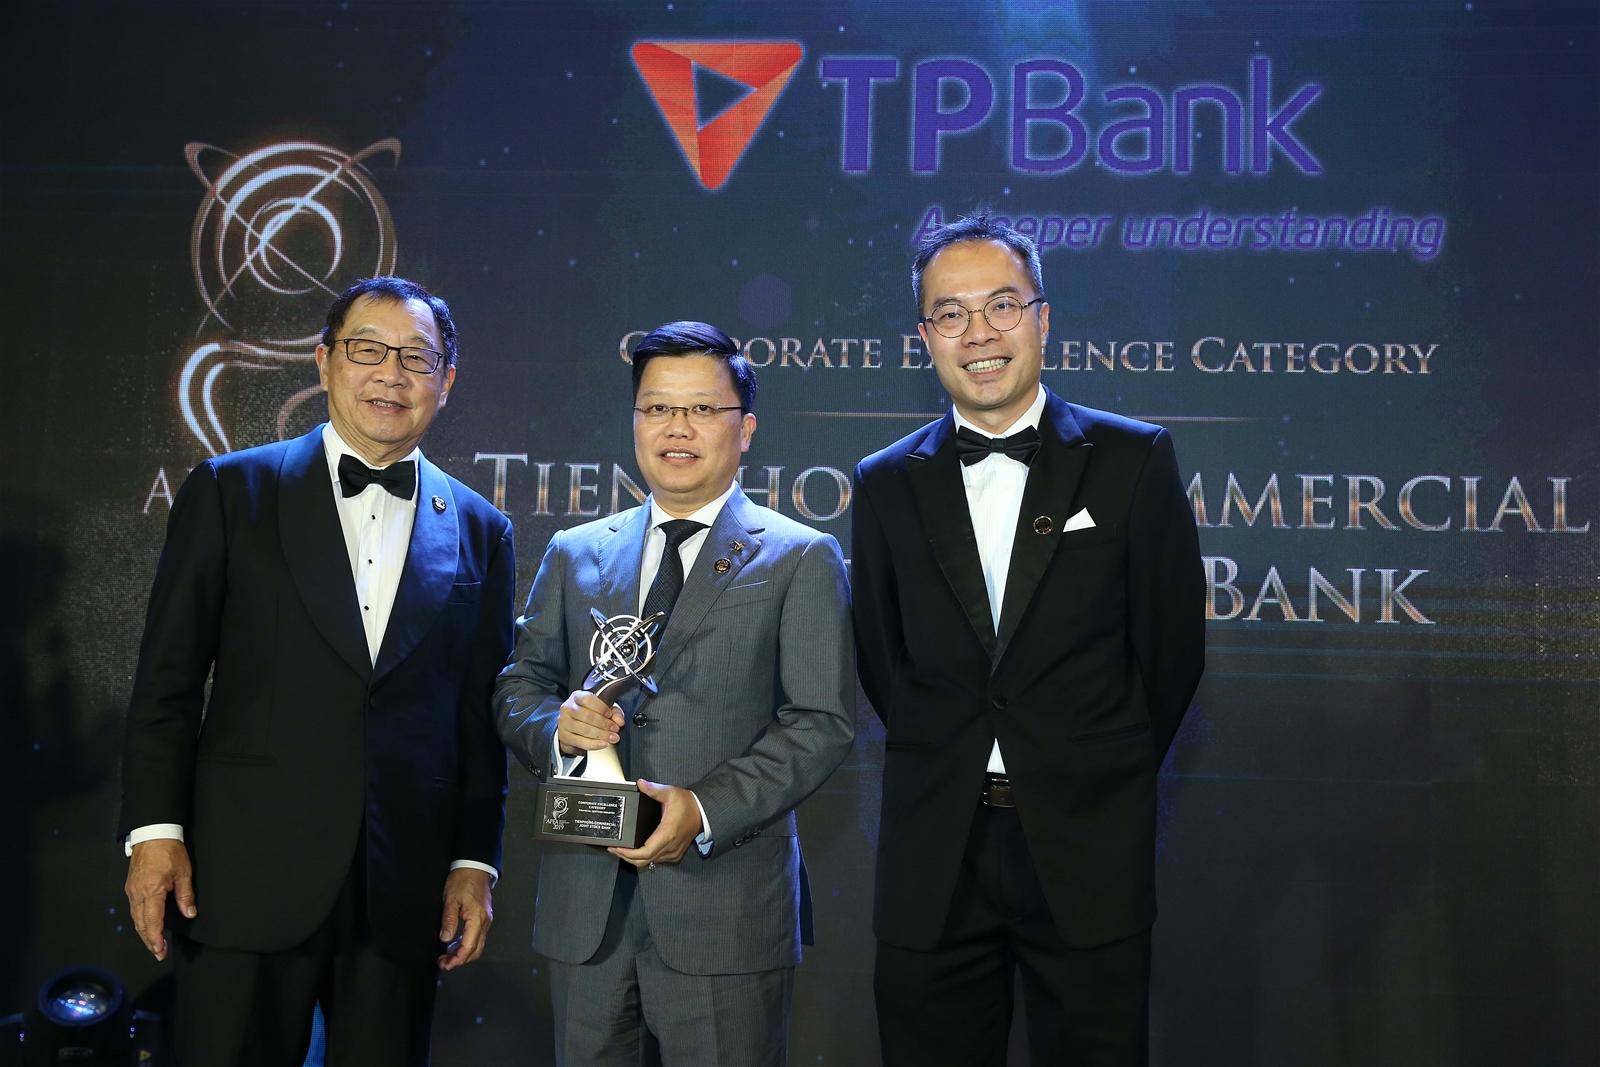 Enterprise Asia đánh giá TPBank là Tổ chức tài chính xuất sắc Châu Á